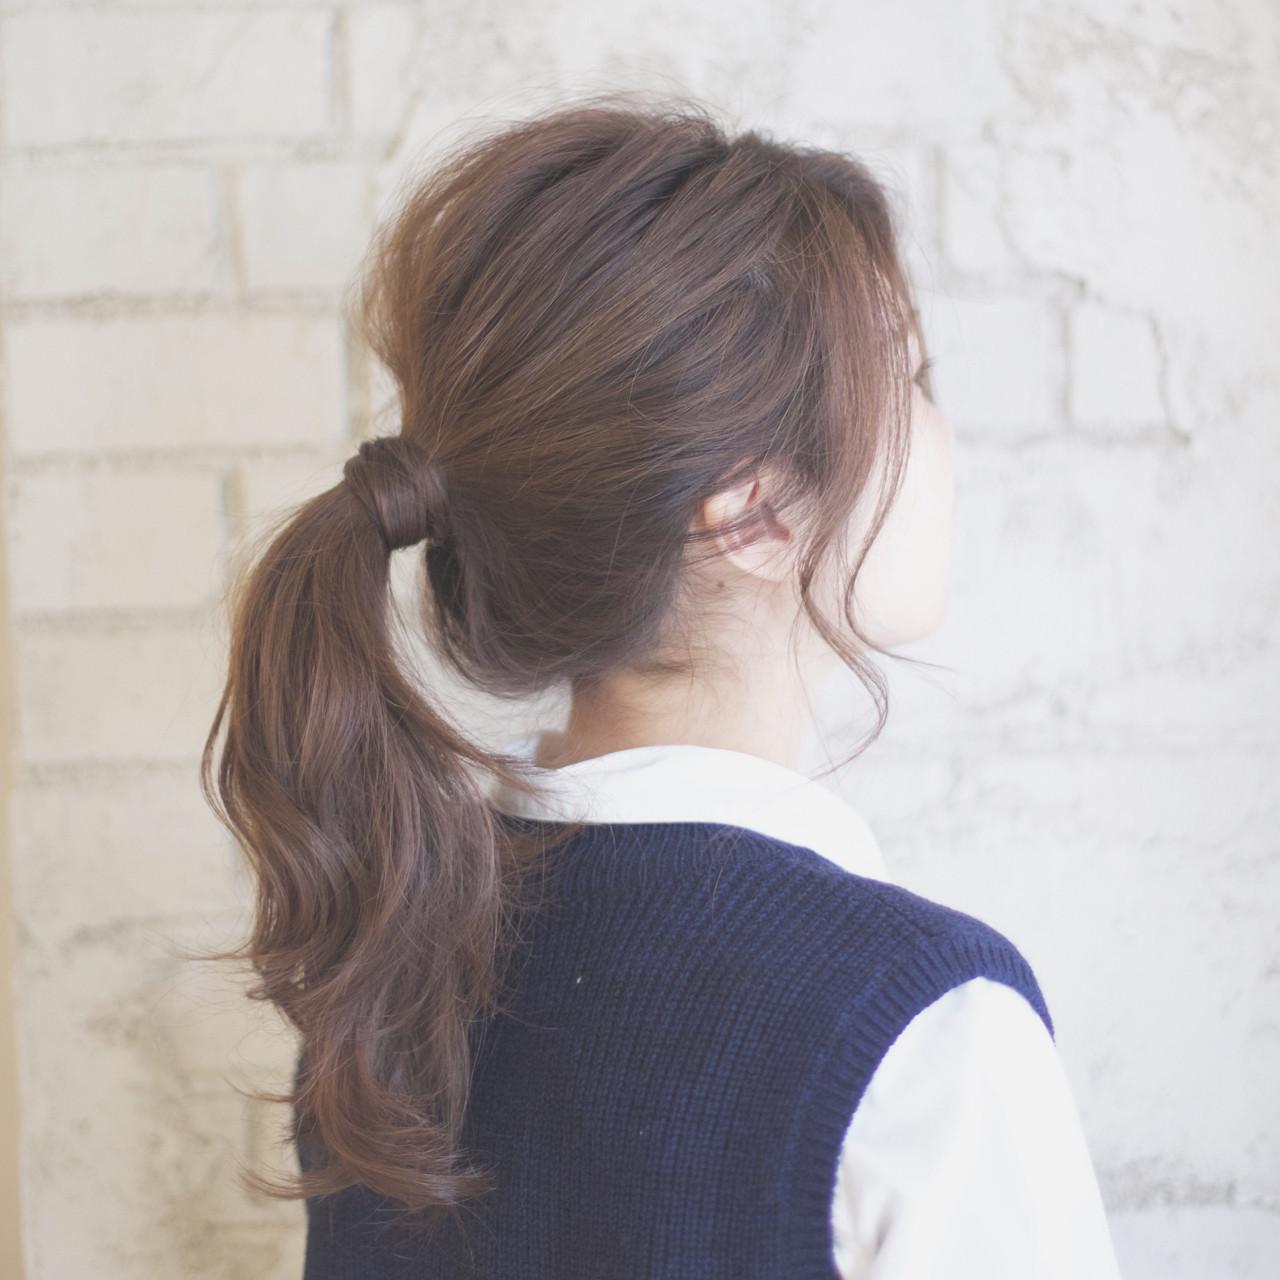 今さら聞けない!ゴム隠しの方法! 谷本将太 nalu hair